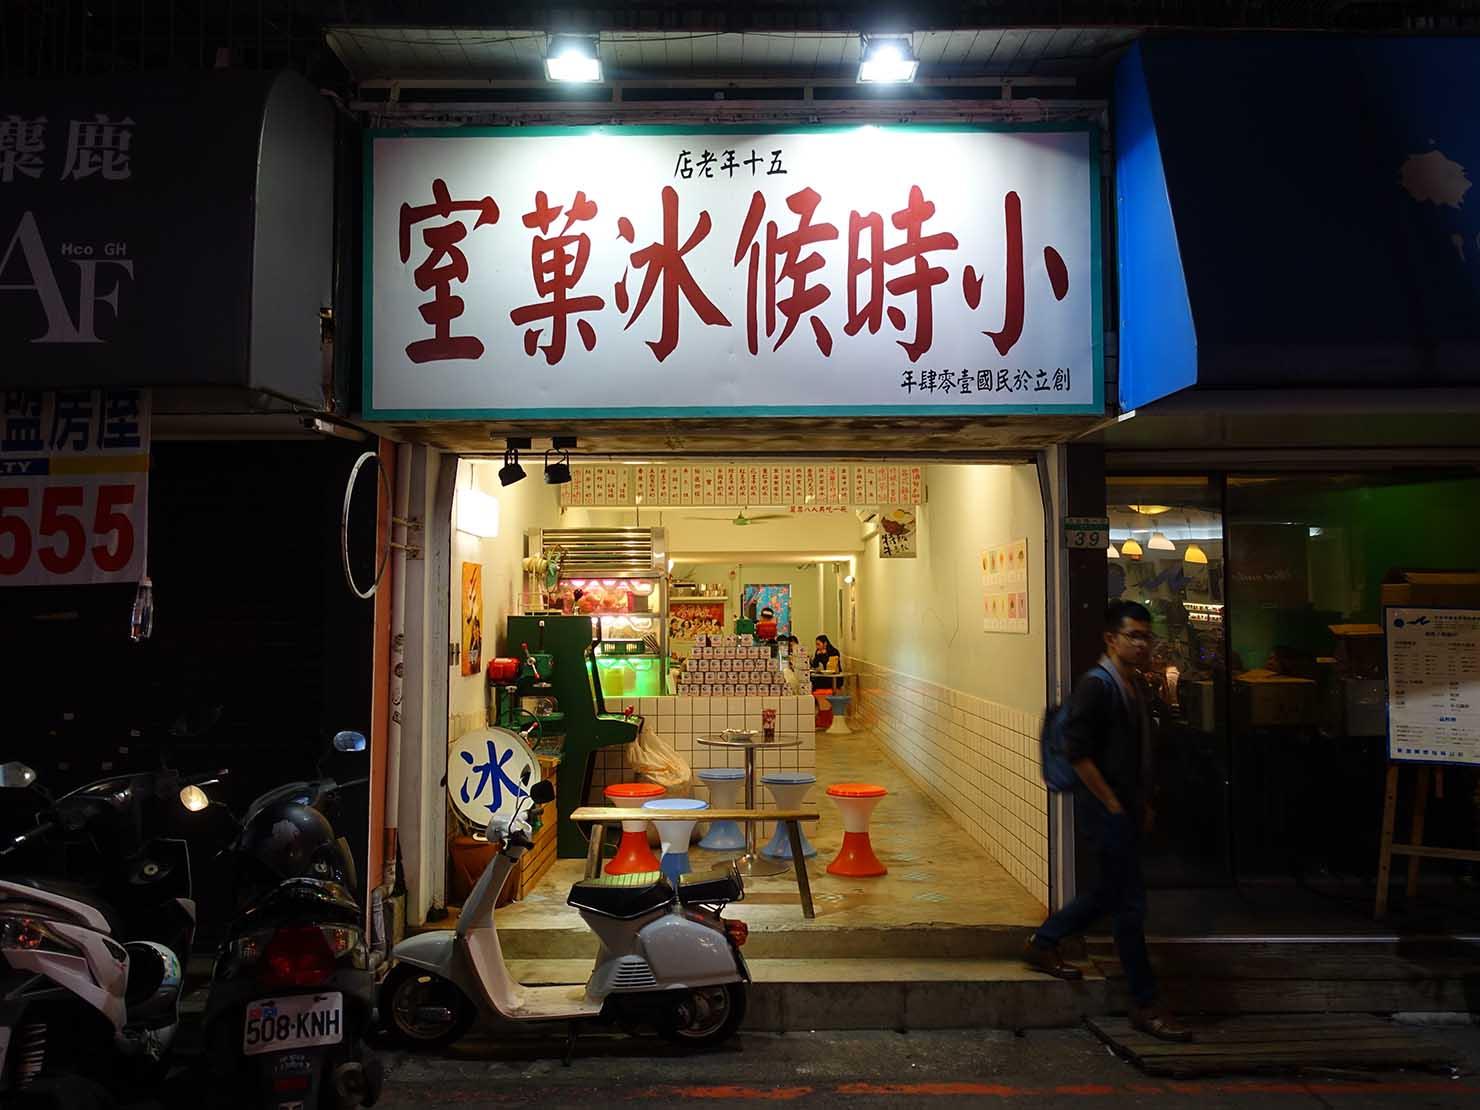 台北・忠孝敦化駅(東區)のおすすめグルメ店「小時候冰菓室」の外観